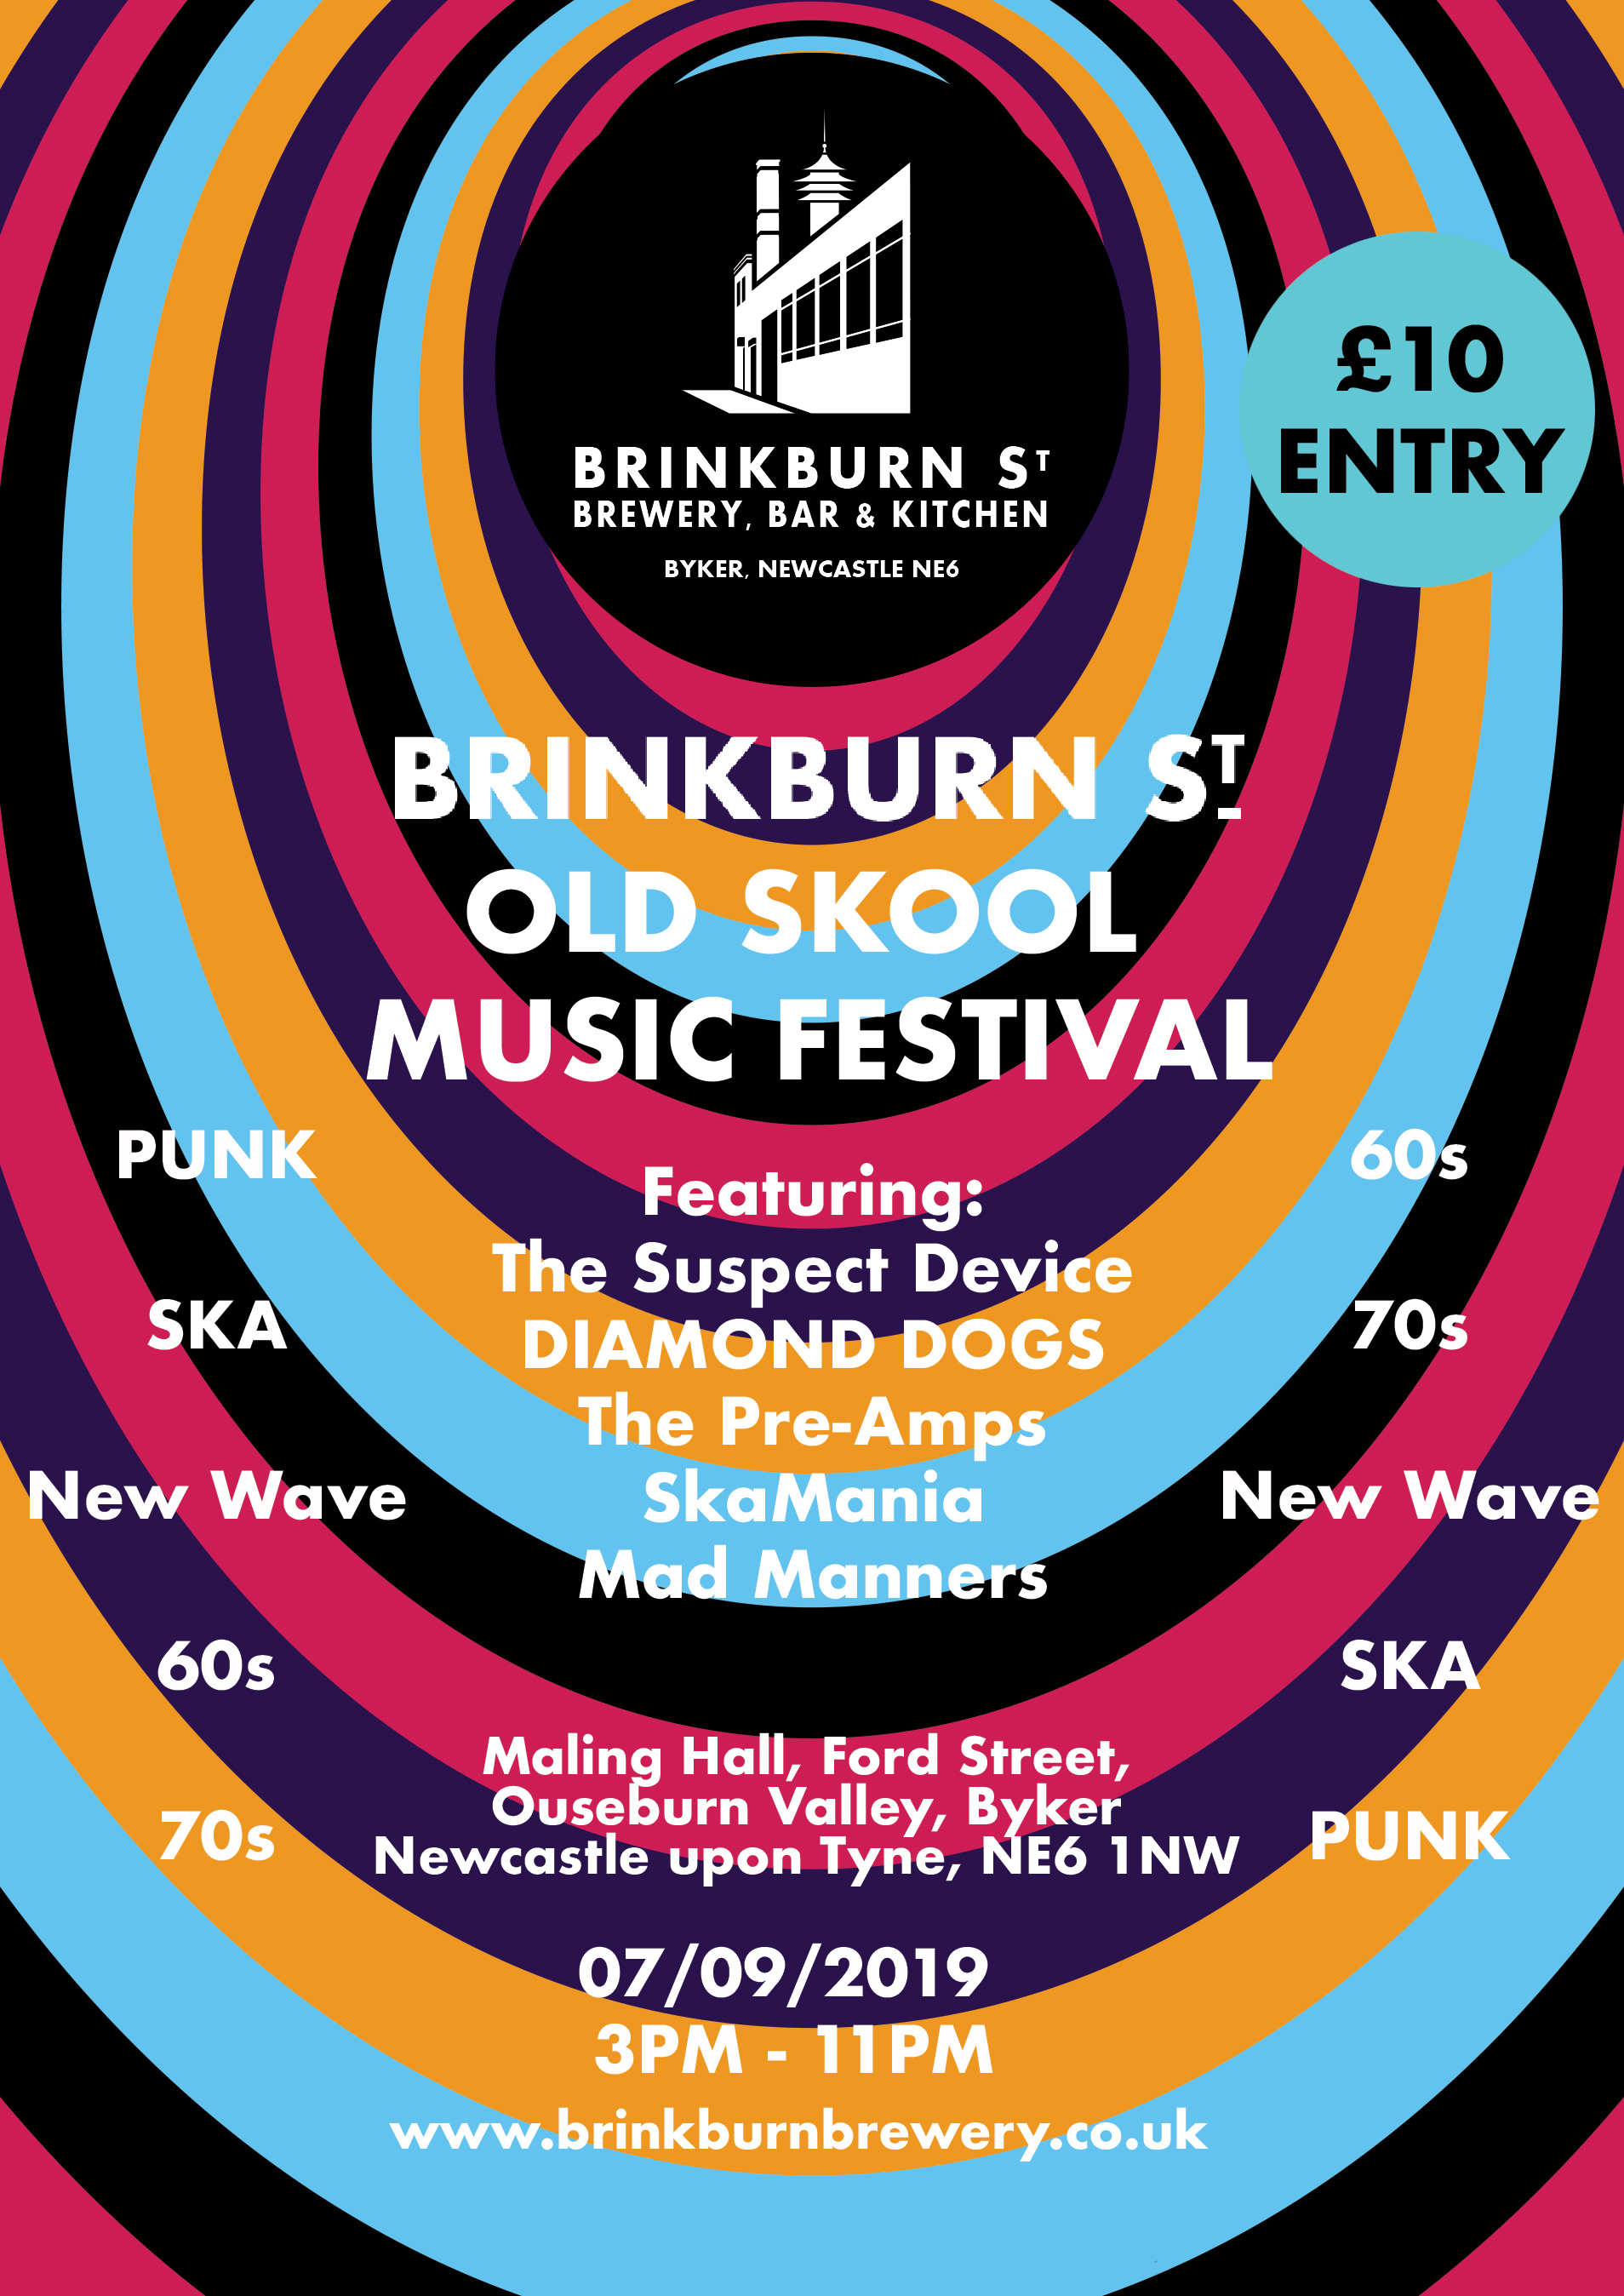 Old Skool Music Festival.jpg